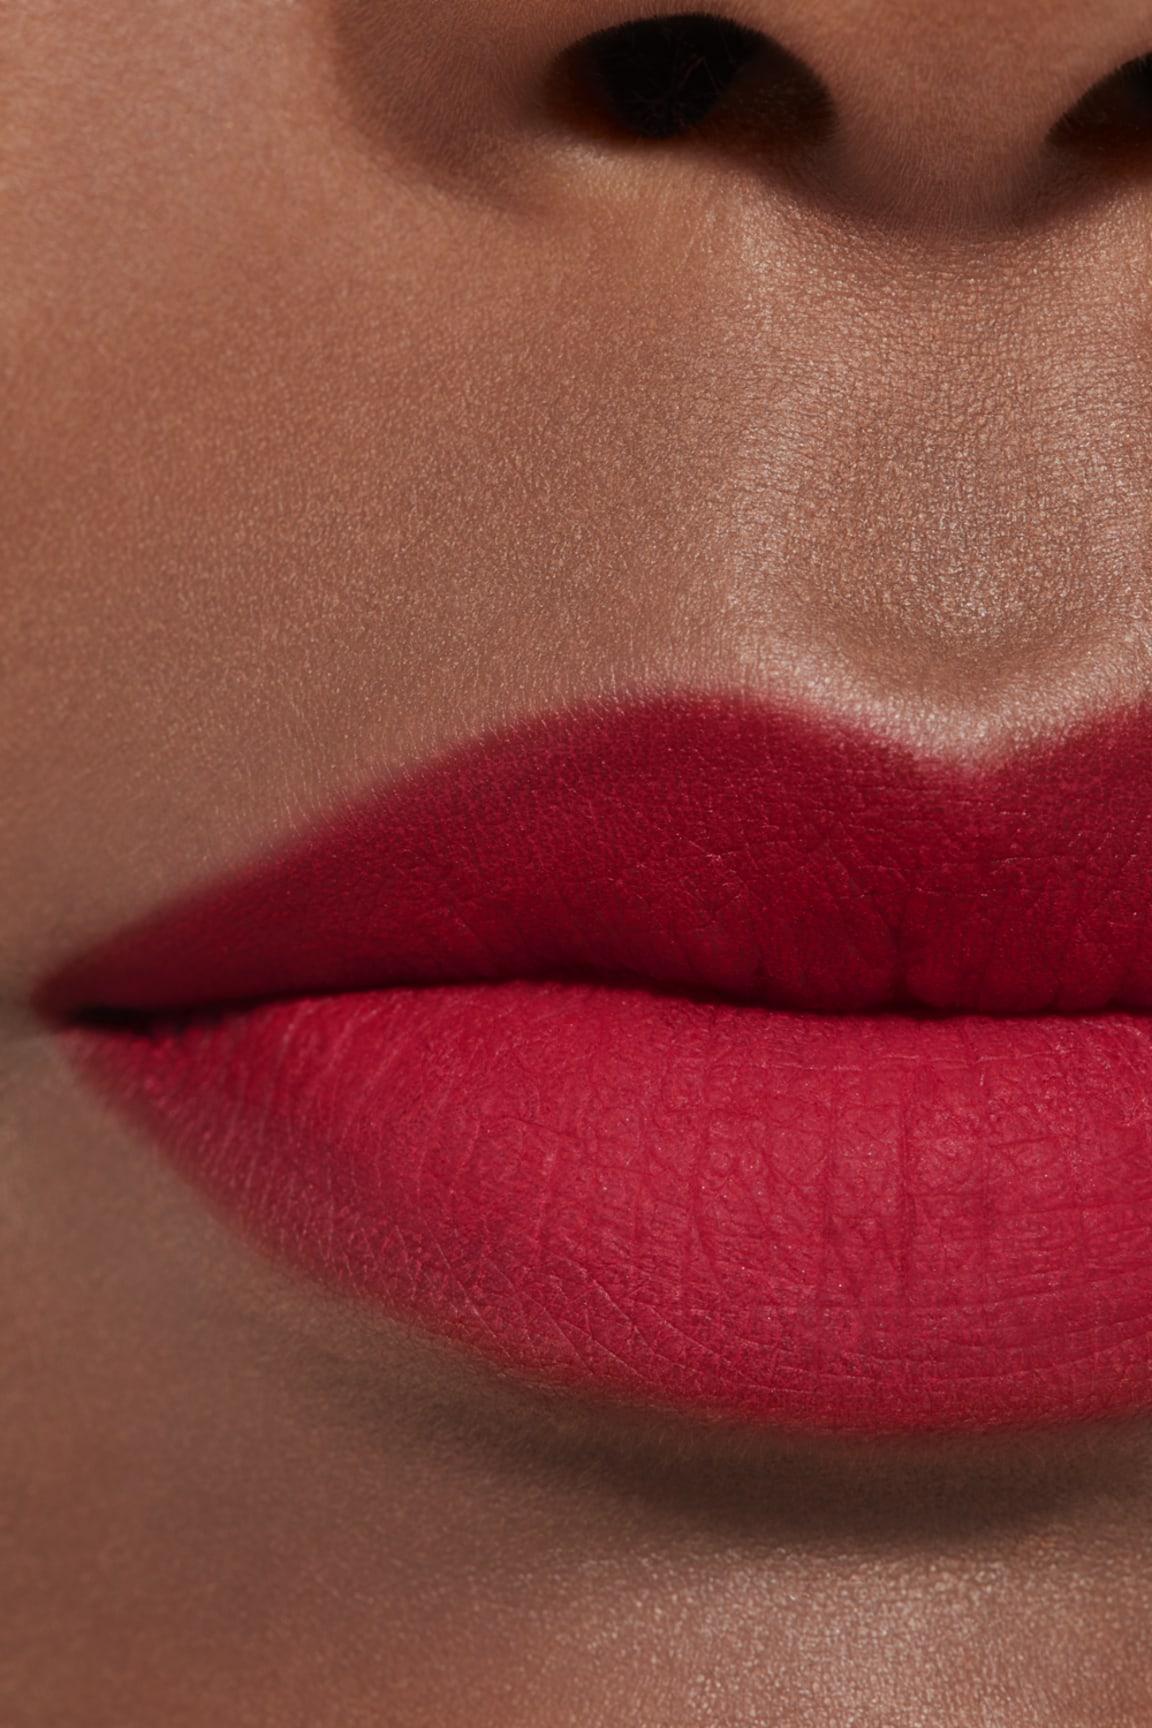 Imagen aplicación de maquillaje 2 - ROUGE ALLURE LIQUID POWDER 956 - INVINCIBLE